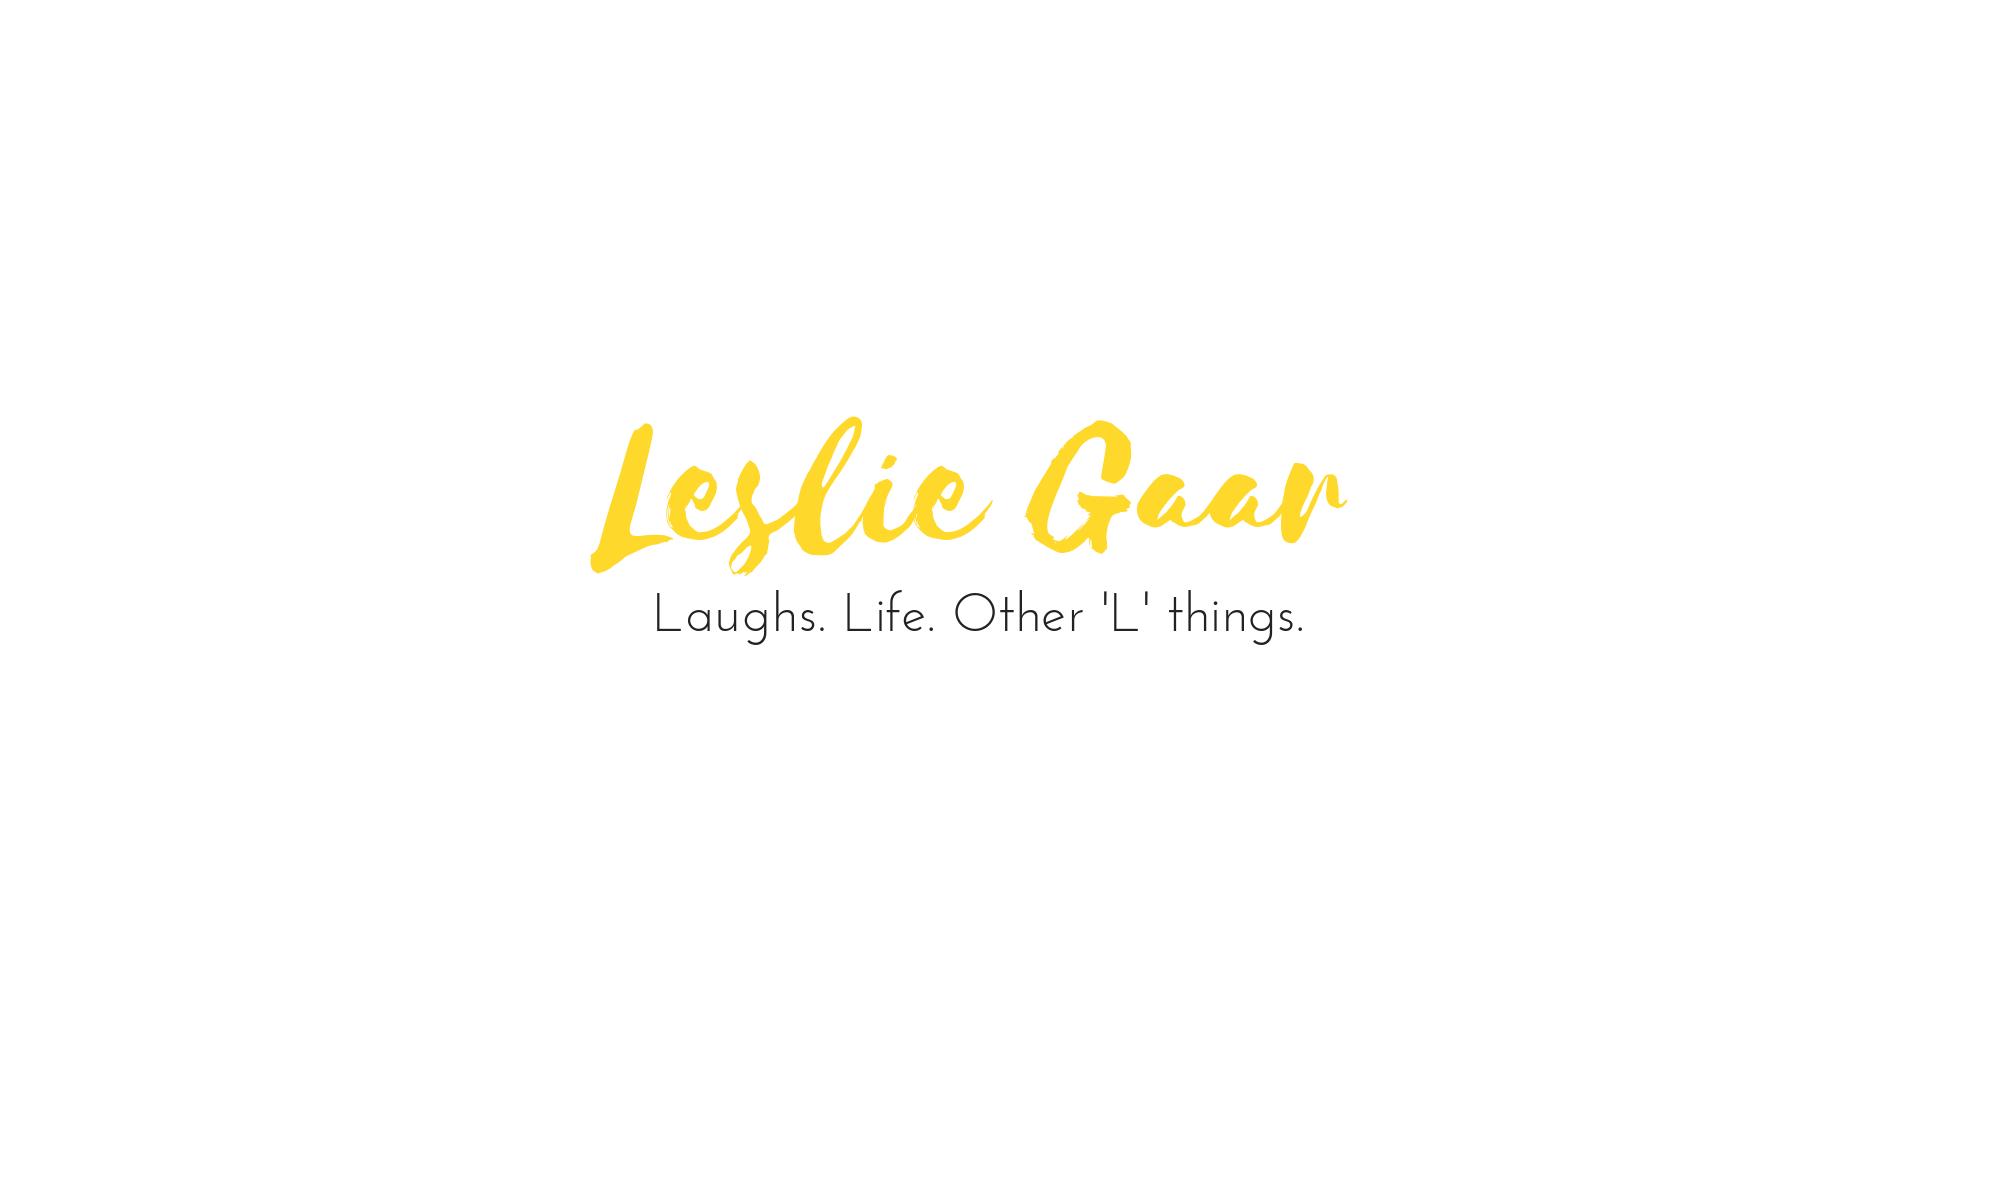 LeslieGaar.com